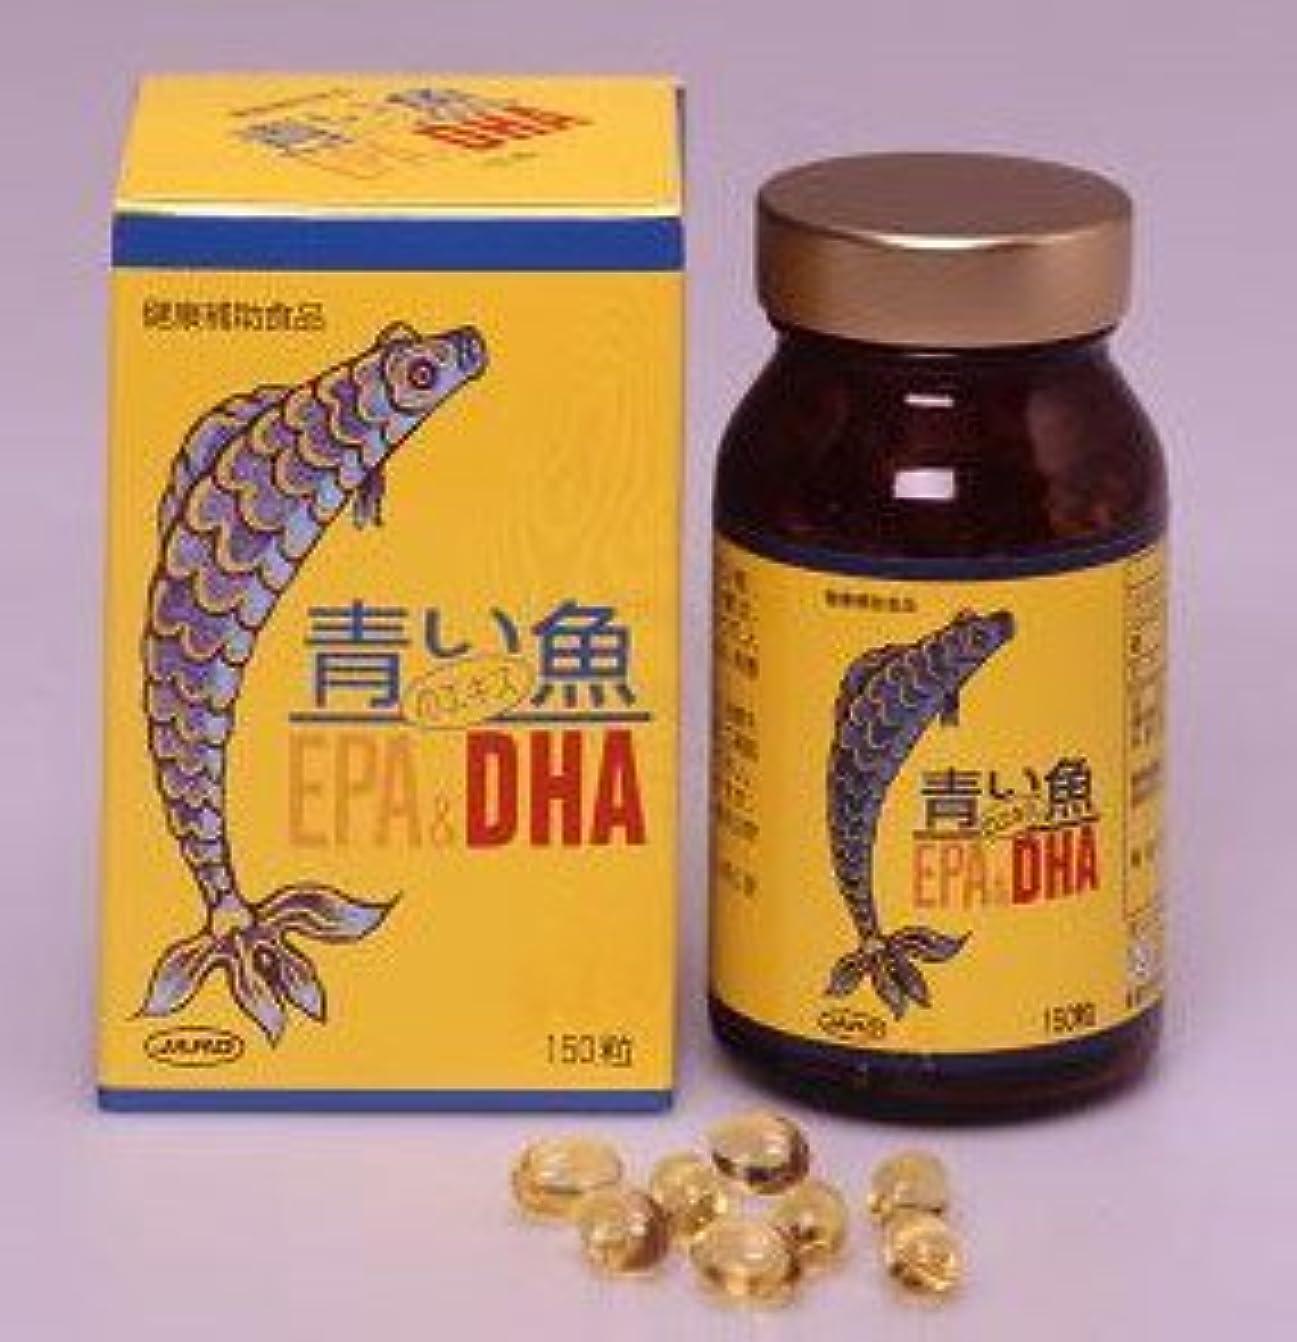 チャンスアジテーション風景青い魚のエキスEPA&DHA(単品)ジャード